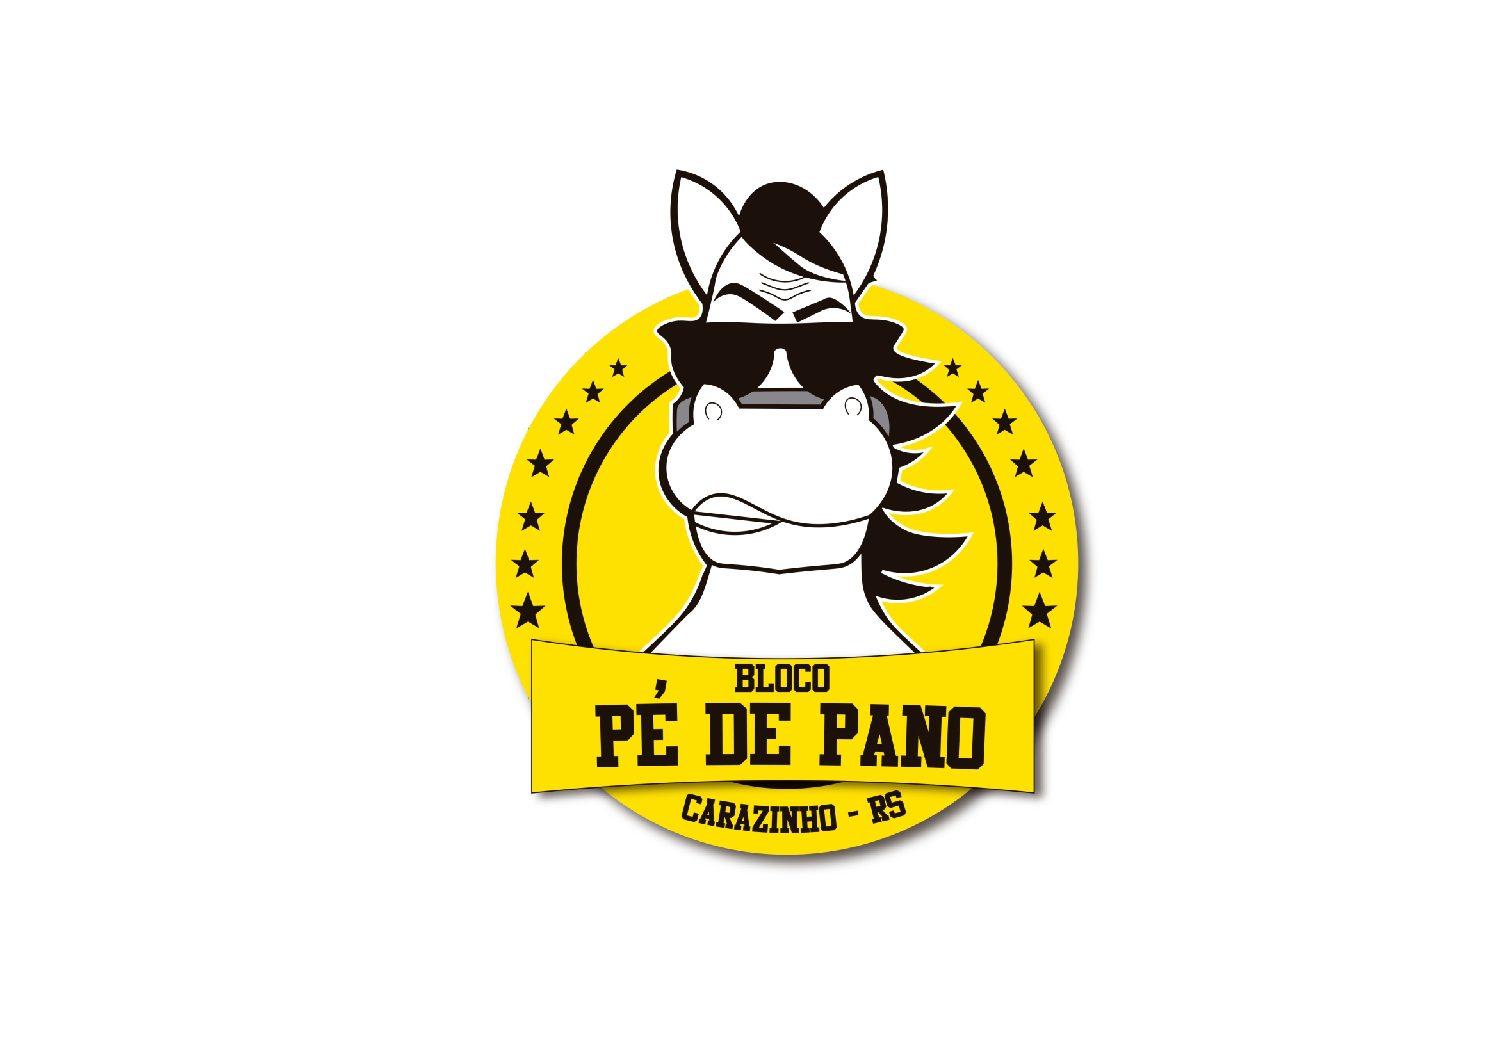 FARDAMENTO PERSONALIZADO PARA EQUIPE DO PÉ DE PANO DA CIDADE DE CARAZINHO/RS.